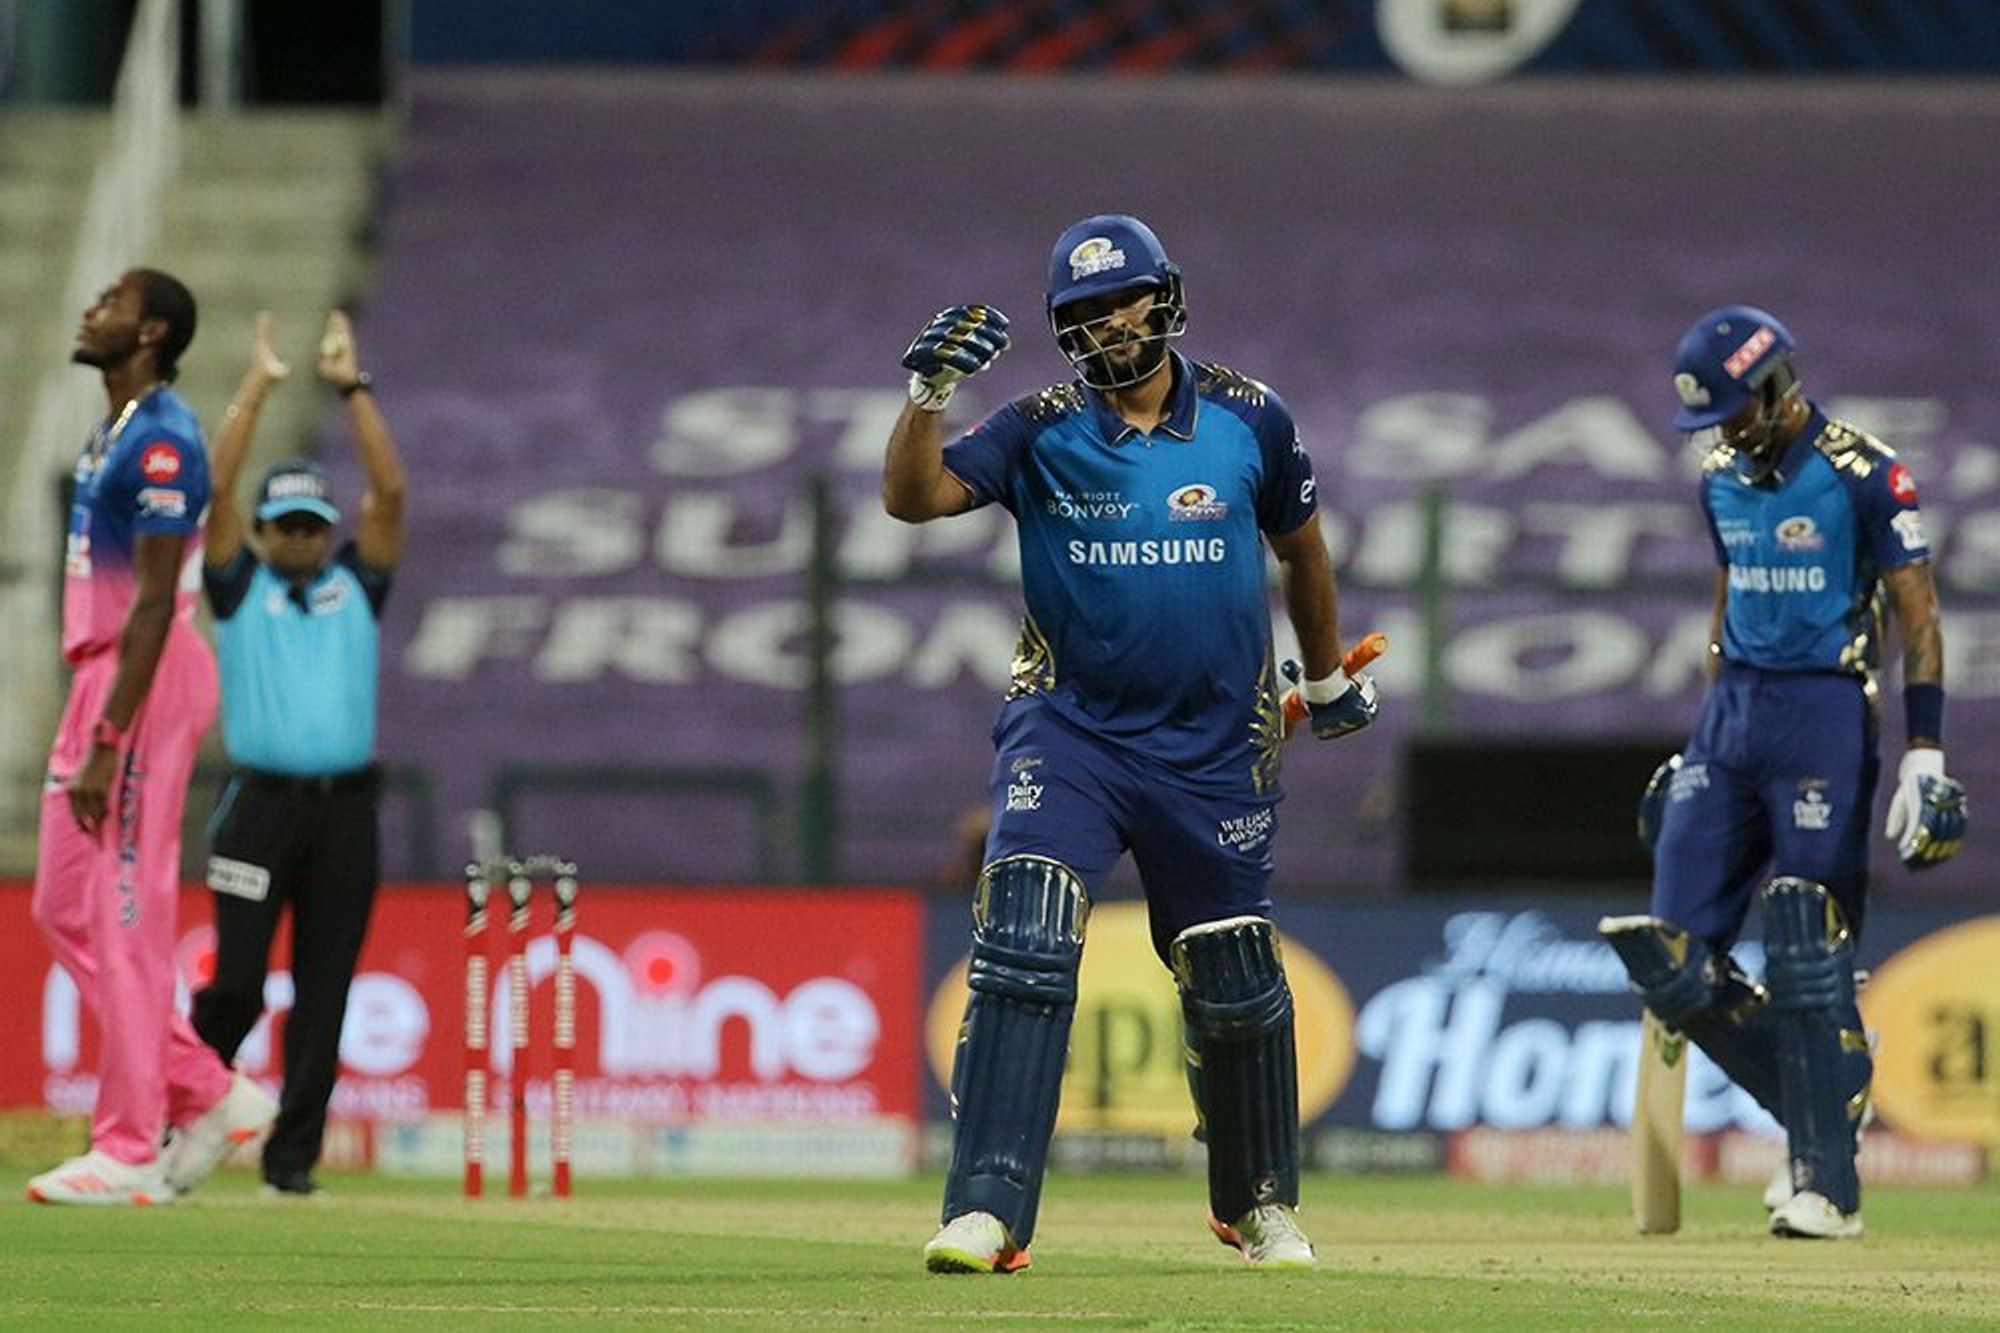 POINTS TABLE: रोमांचक रविवार के बाद राजस्थान रॉयल्स ने लगाई प्वॉइंट्स टेबल पर छलांग 2